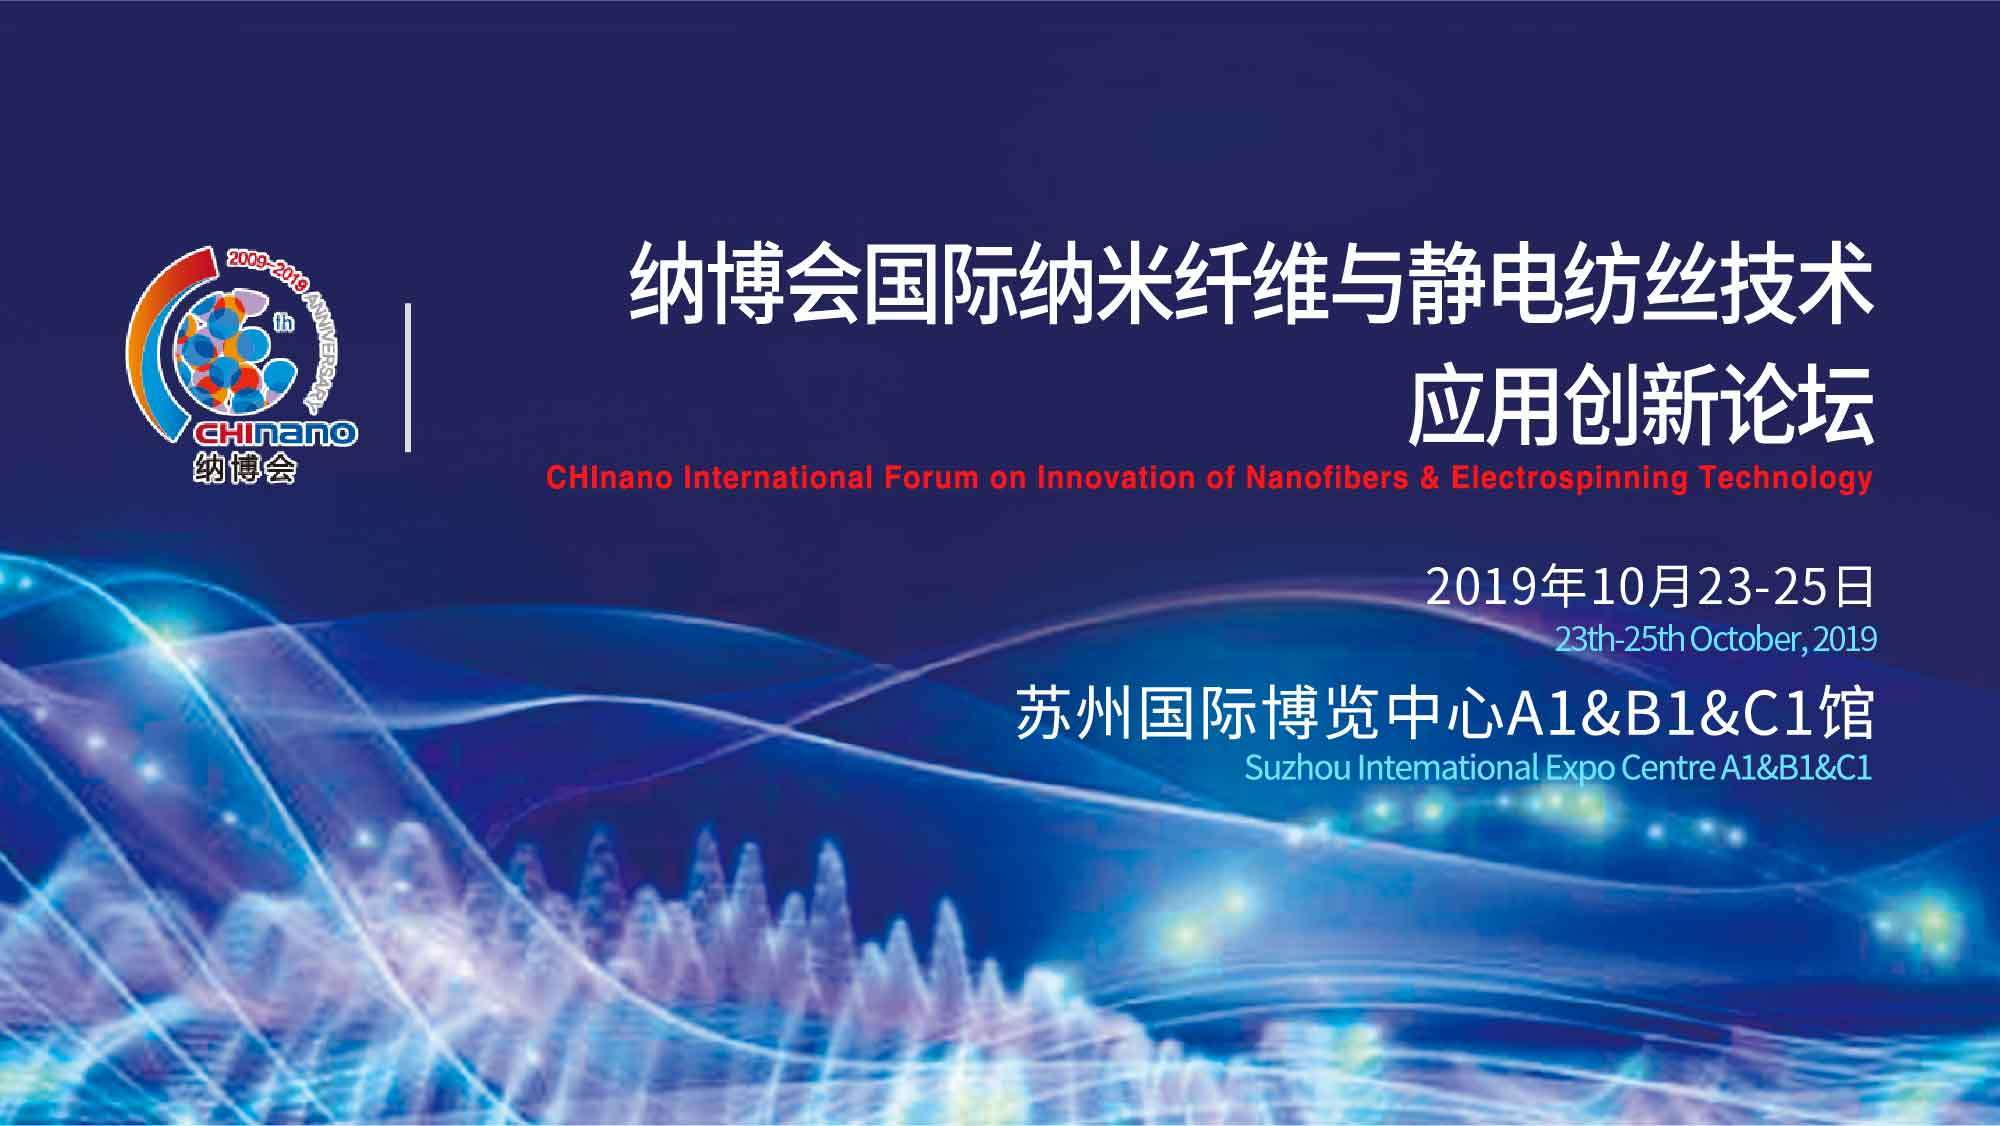 纳博会国际纳米纤维与静电纺丝技术应用创新研讨会2019(苏州)